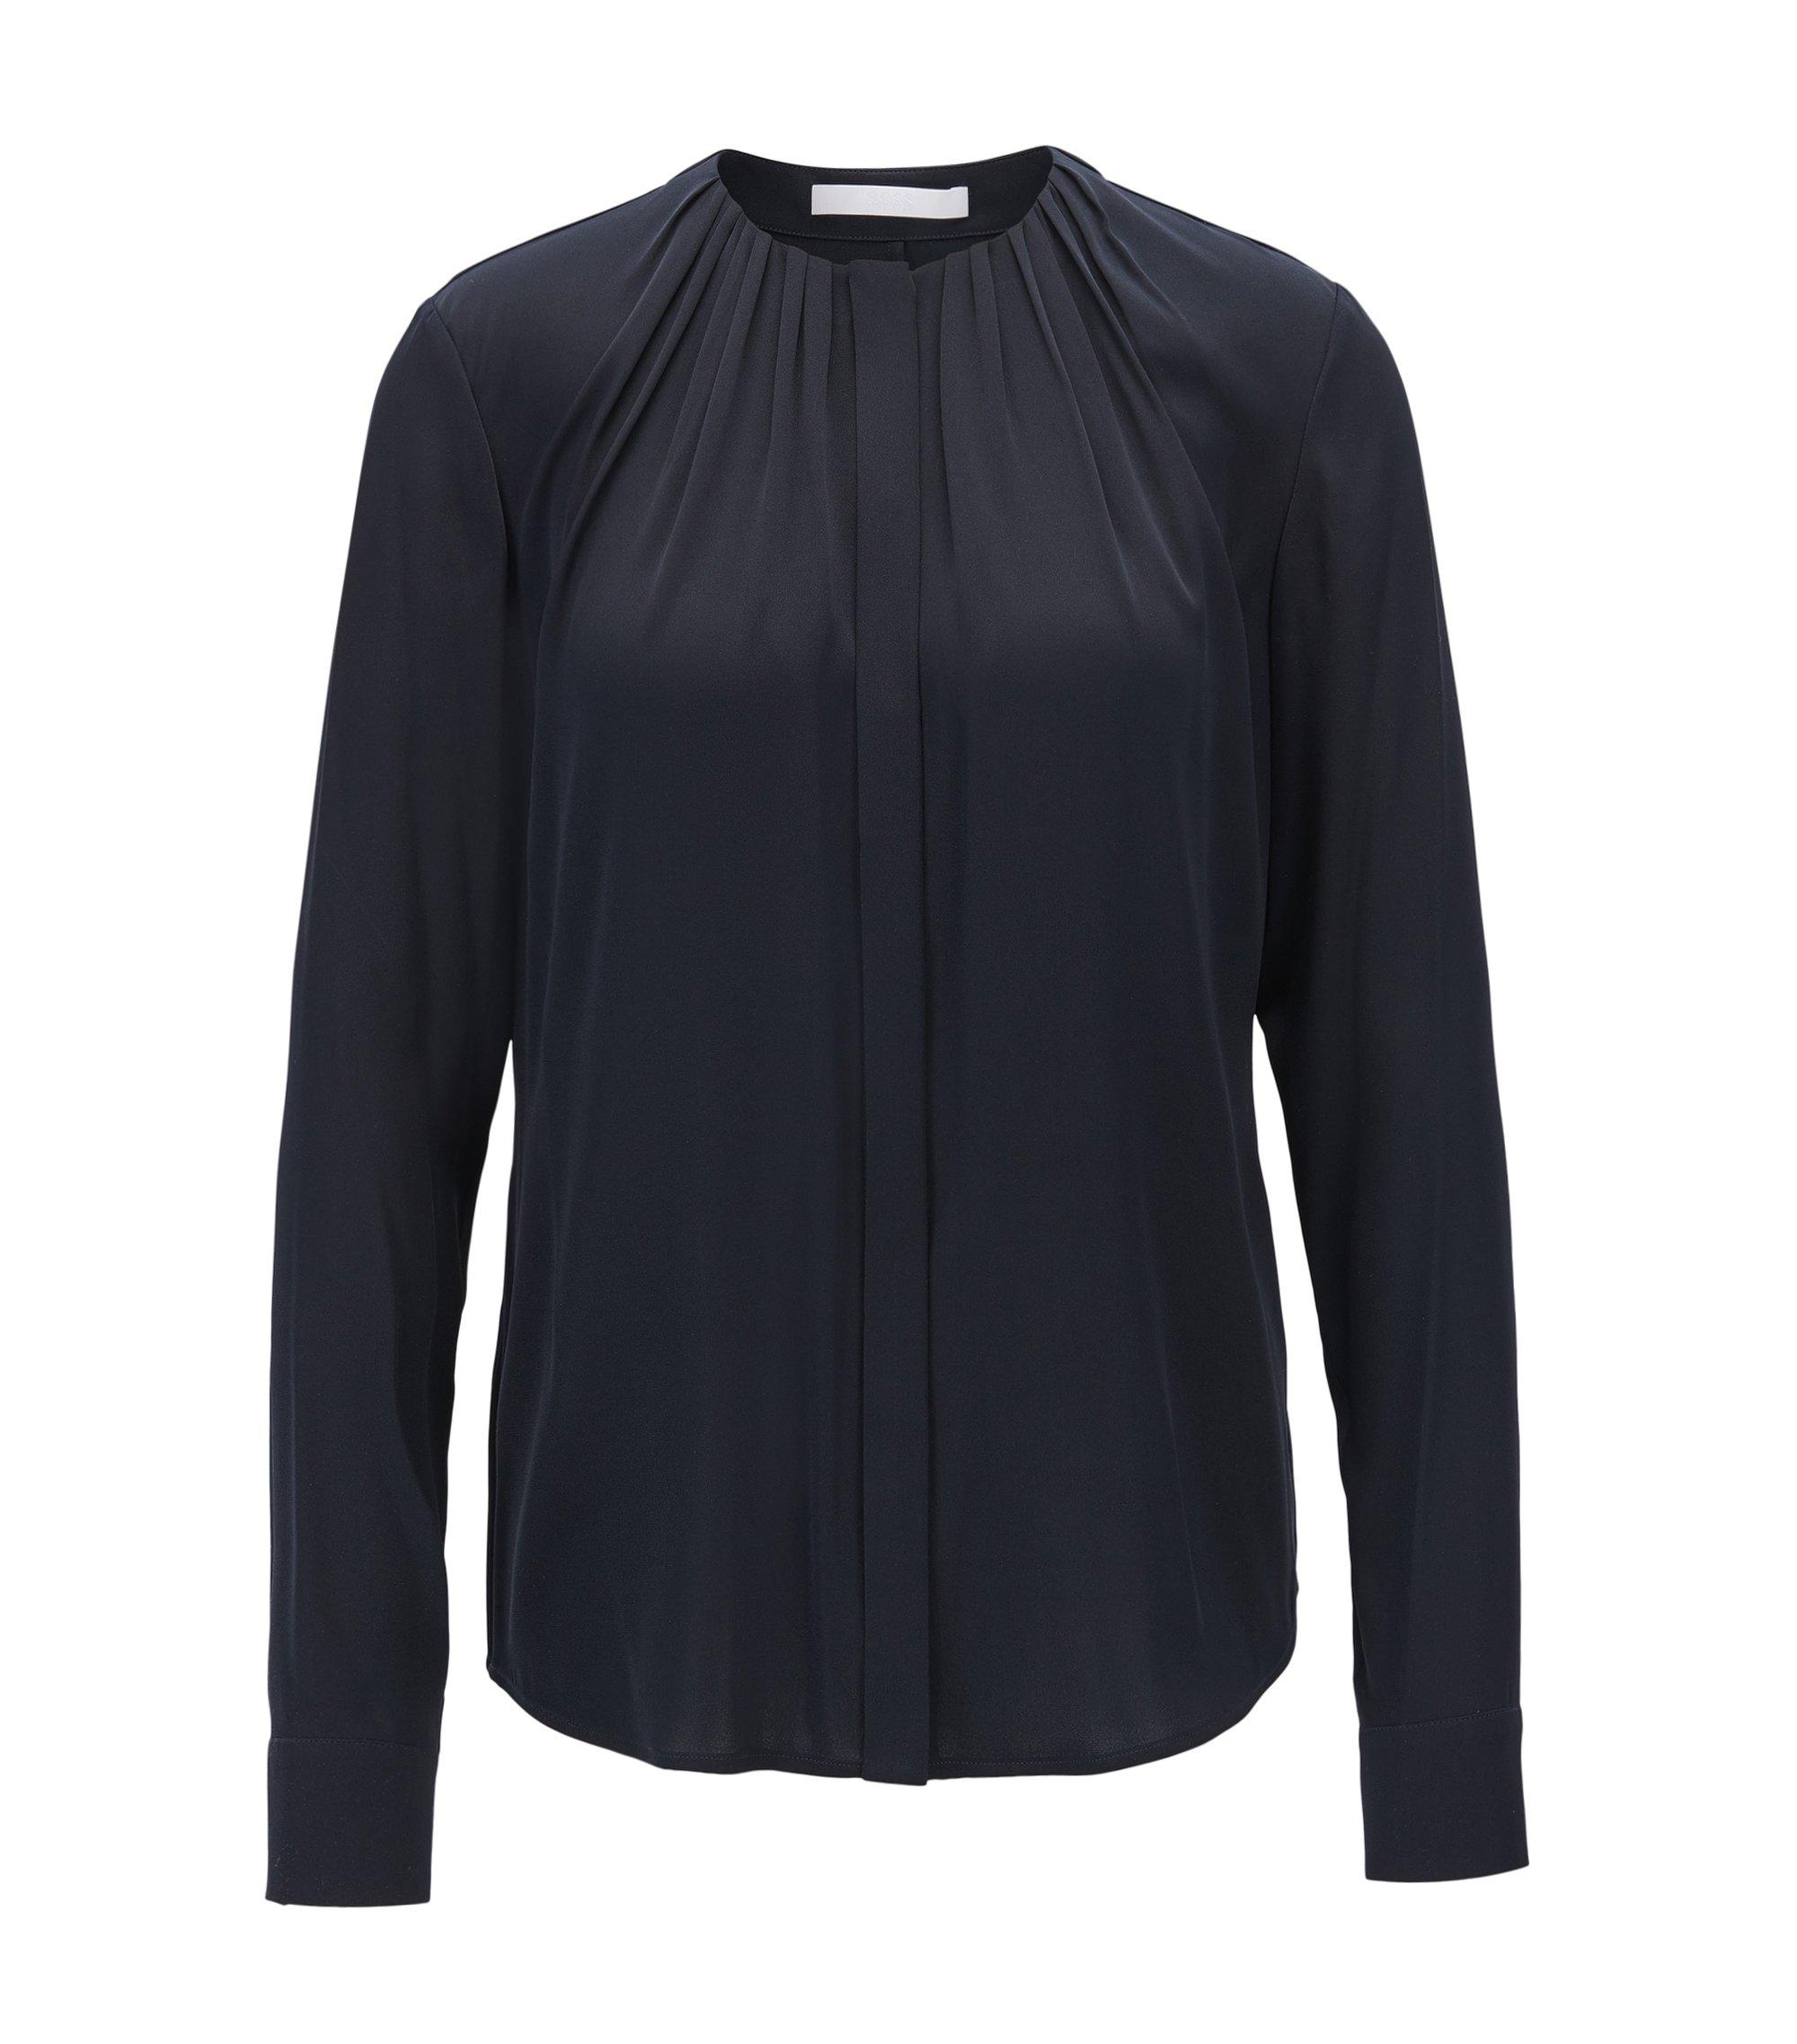 Bluse aus elastischem Seiden-Mix mit gerafftem Ausschnitt, Dunkelblau